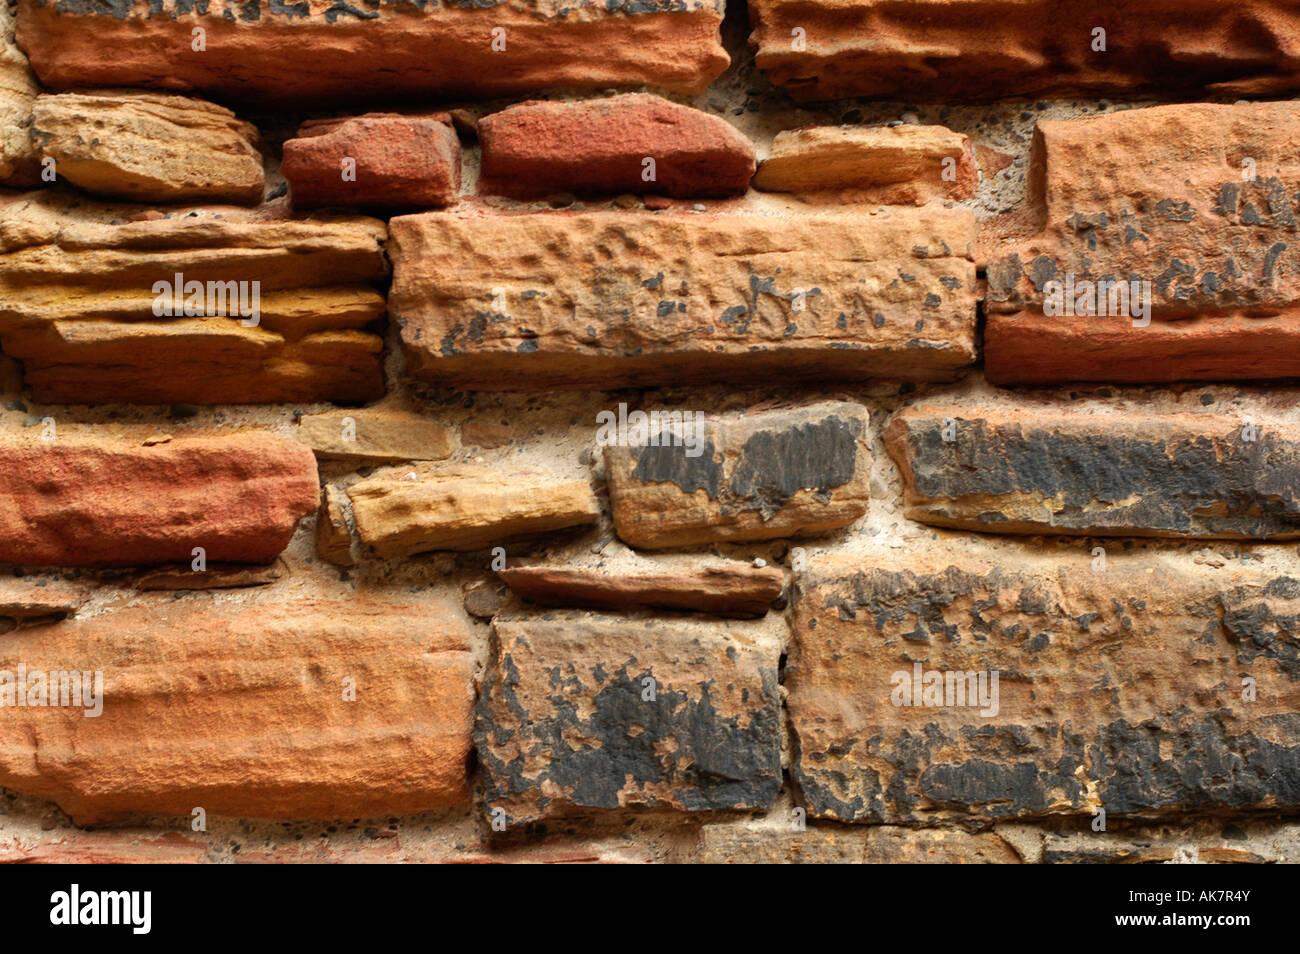 STONE PATTERN WALL - Stock Image